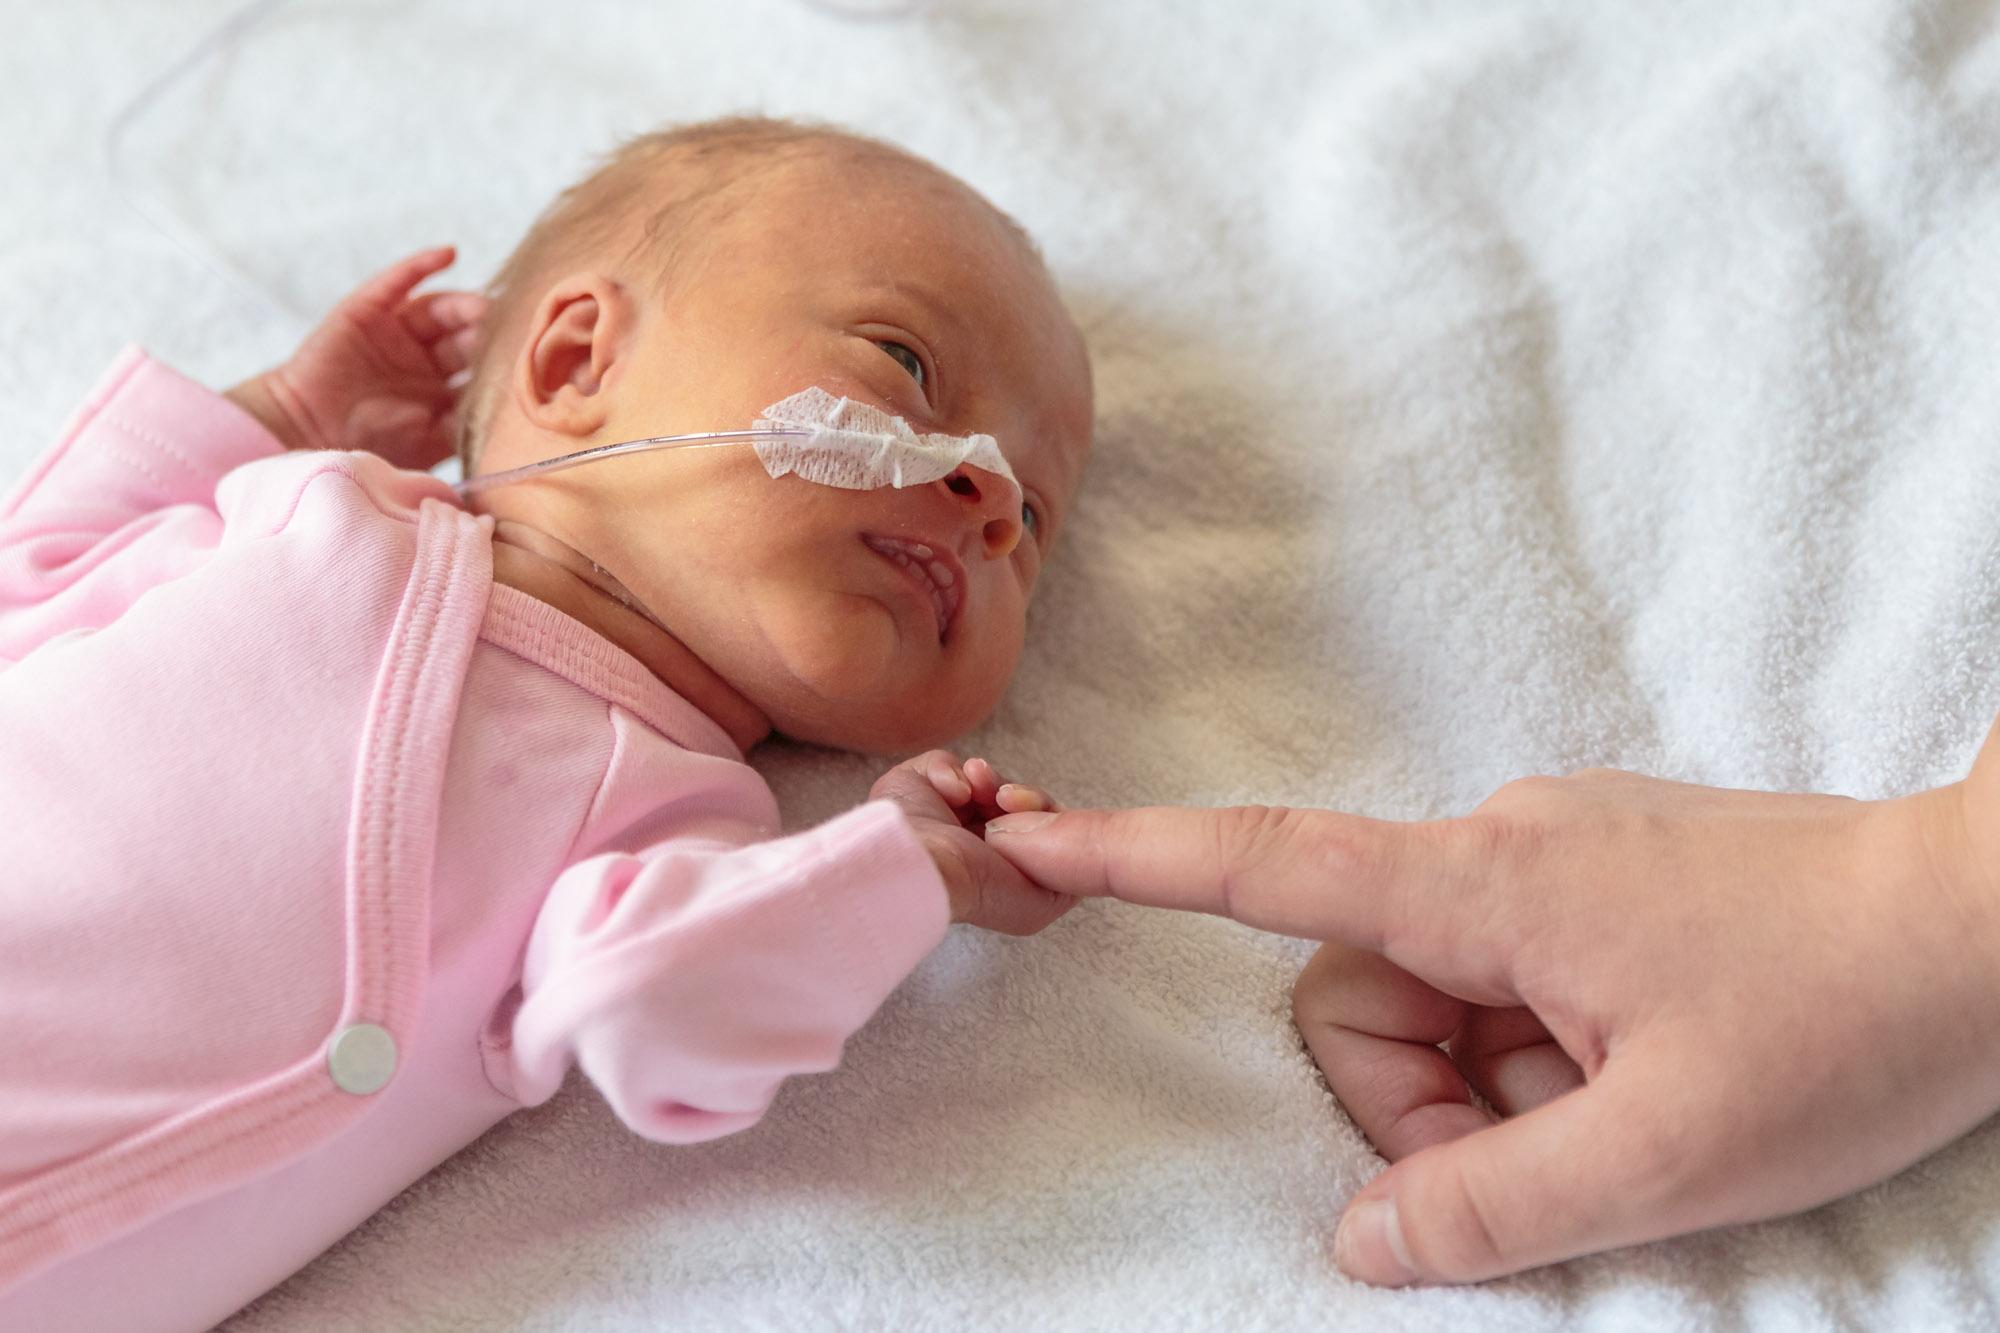 foto van moederhand bij prematuur baby met sonde voor stichting earlybirds door mayrafotografie